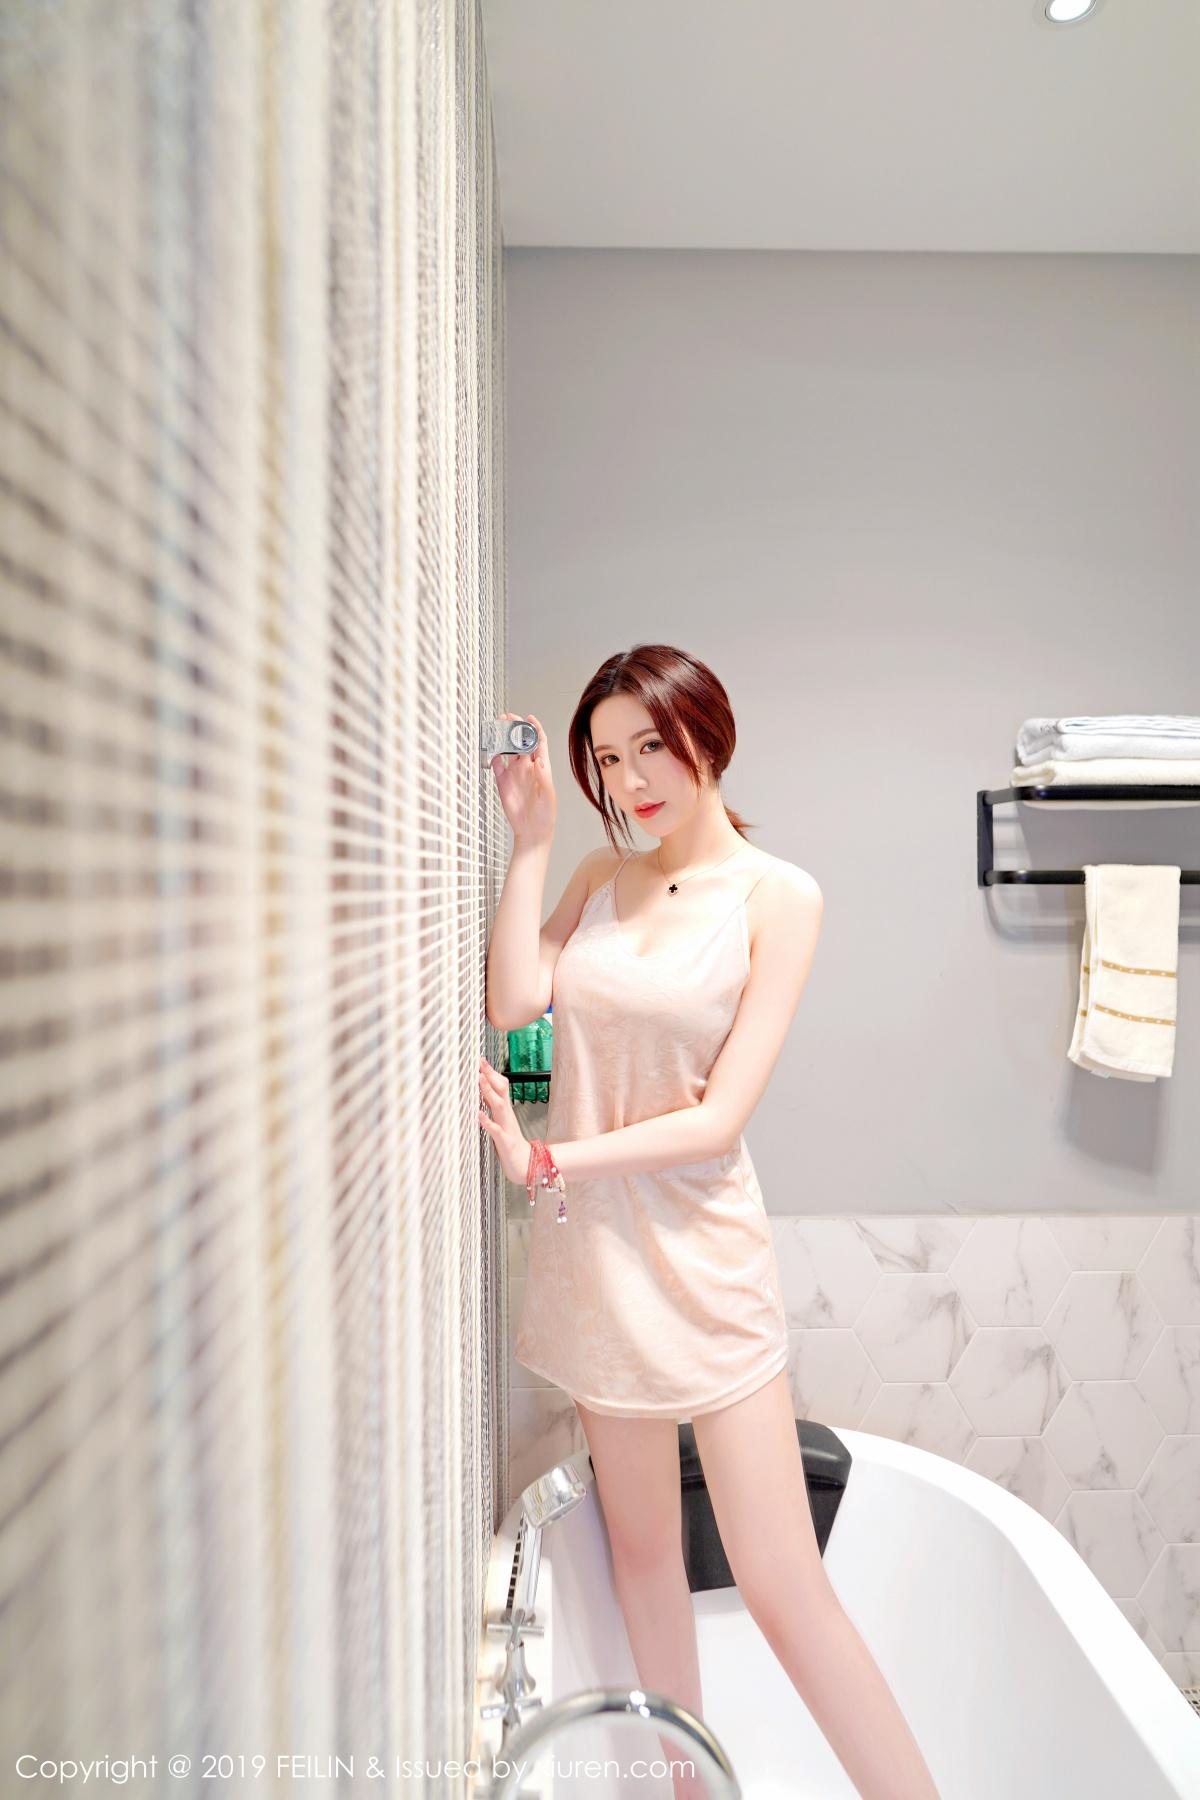 嗲囡囡-影像传媒 [FEILIN] 2019.04.22 VOL.189 Misty萌晰